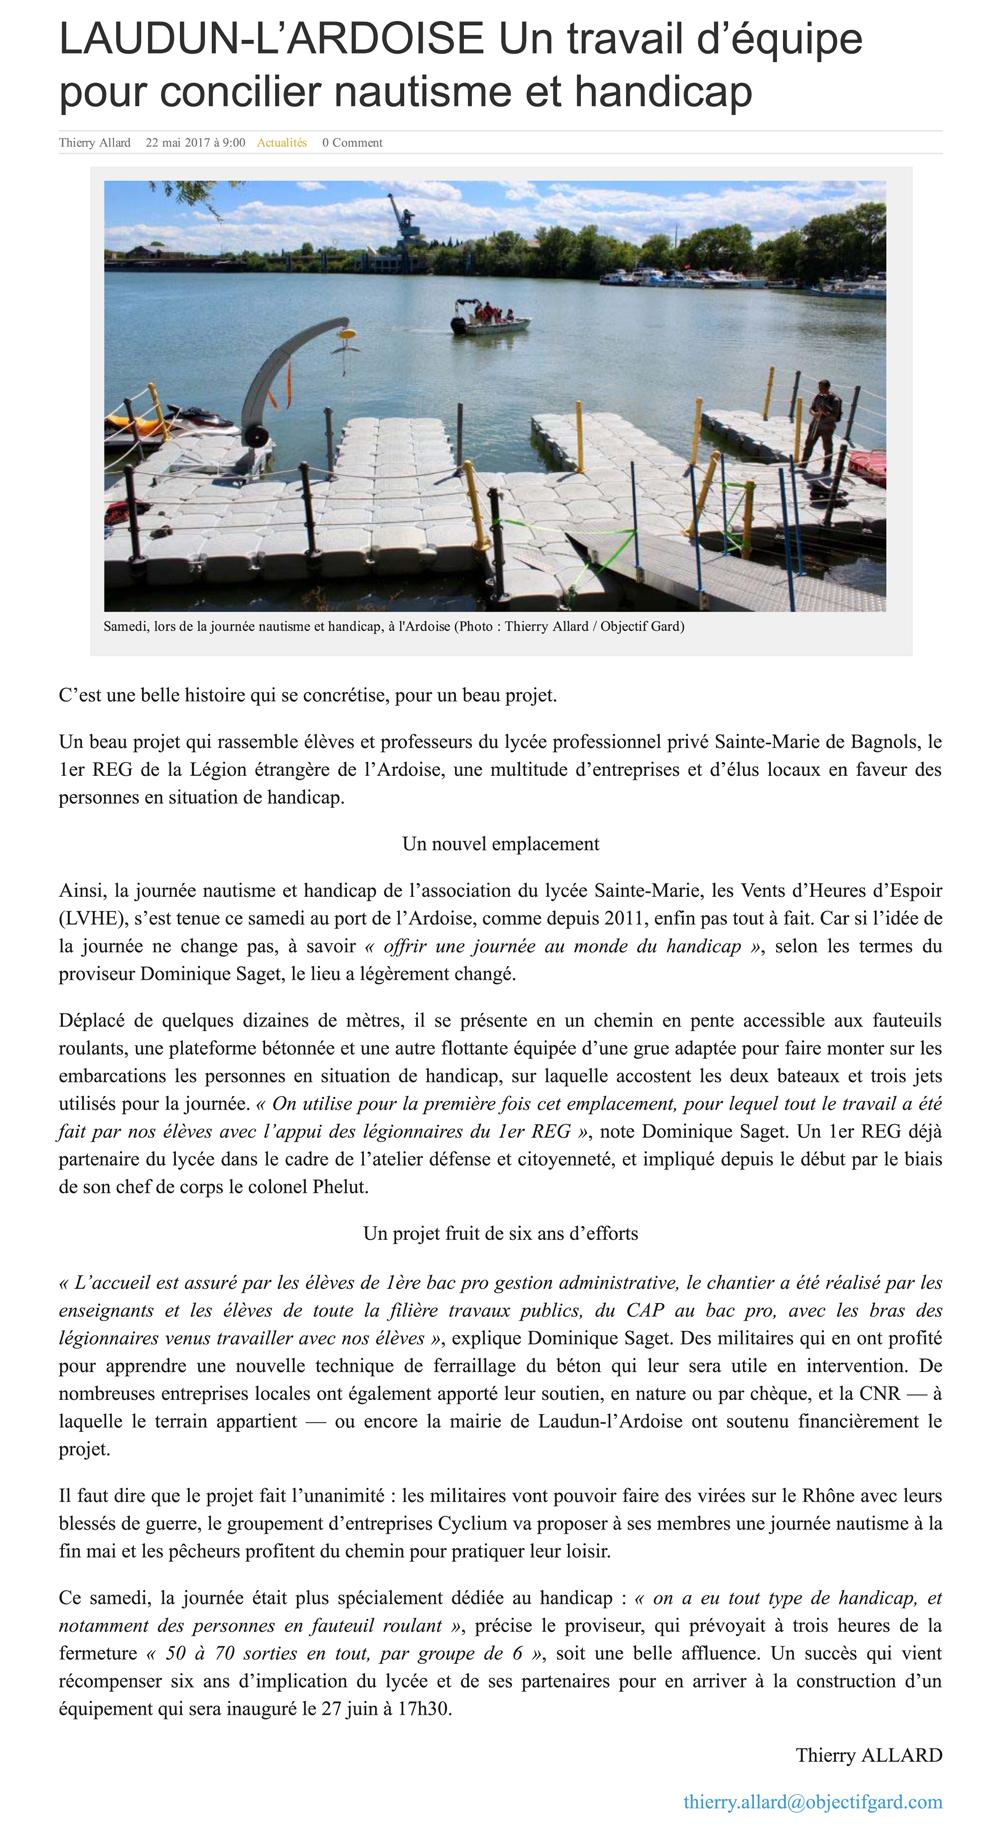 LAUDUN-L'ARDOISE-Un-travail-d'équipe-pour-concilier-nautisme-et-handicap